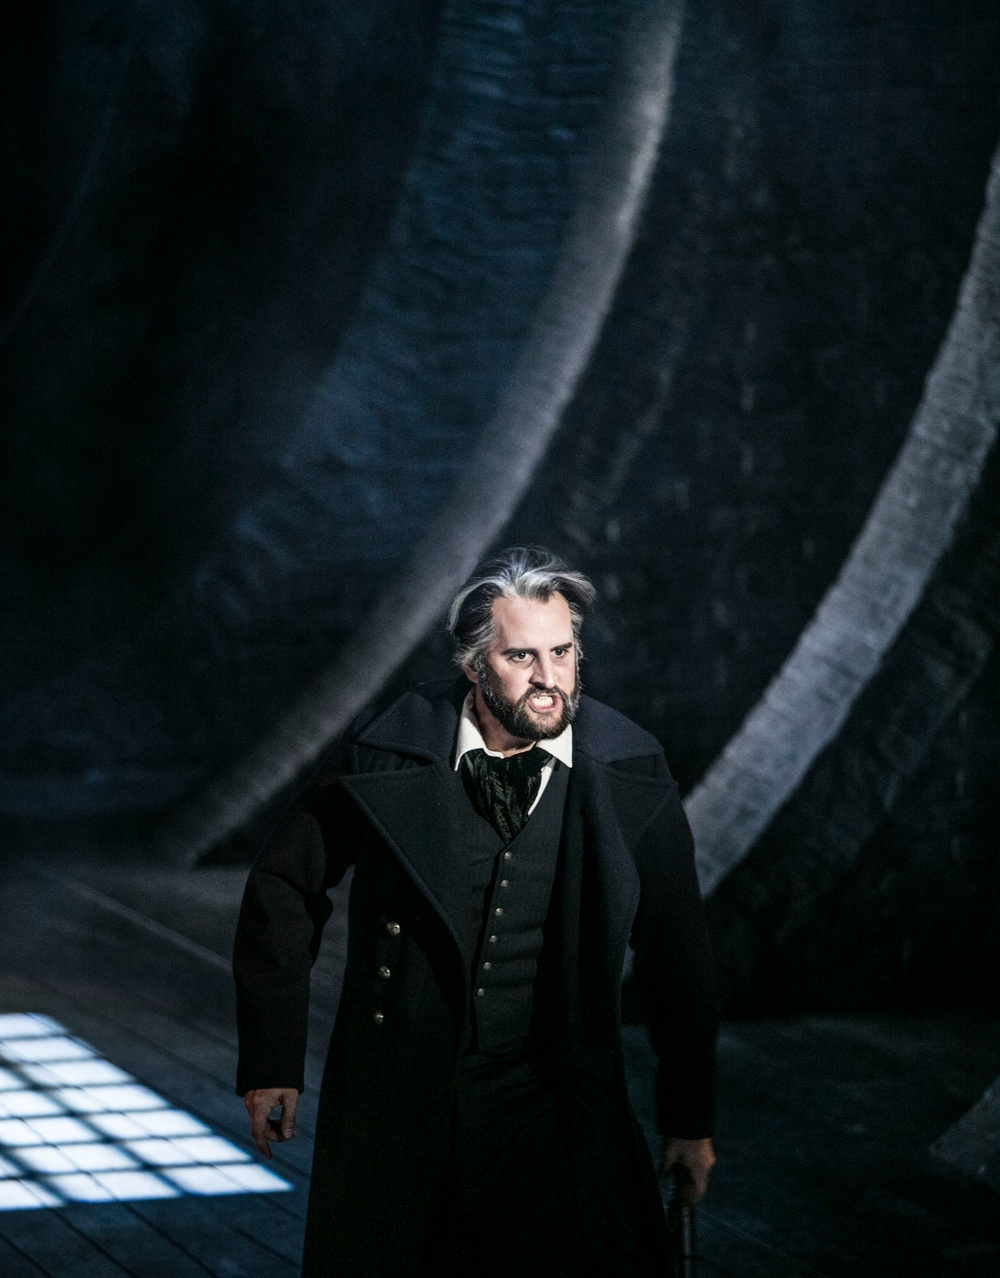 Javert (Philip Jalmelid)